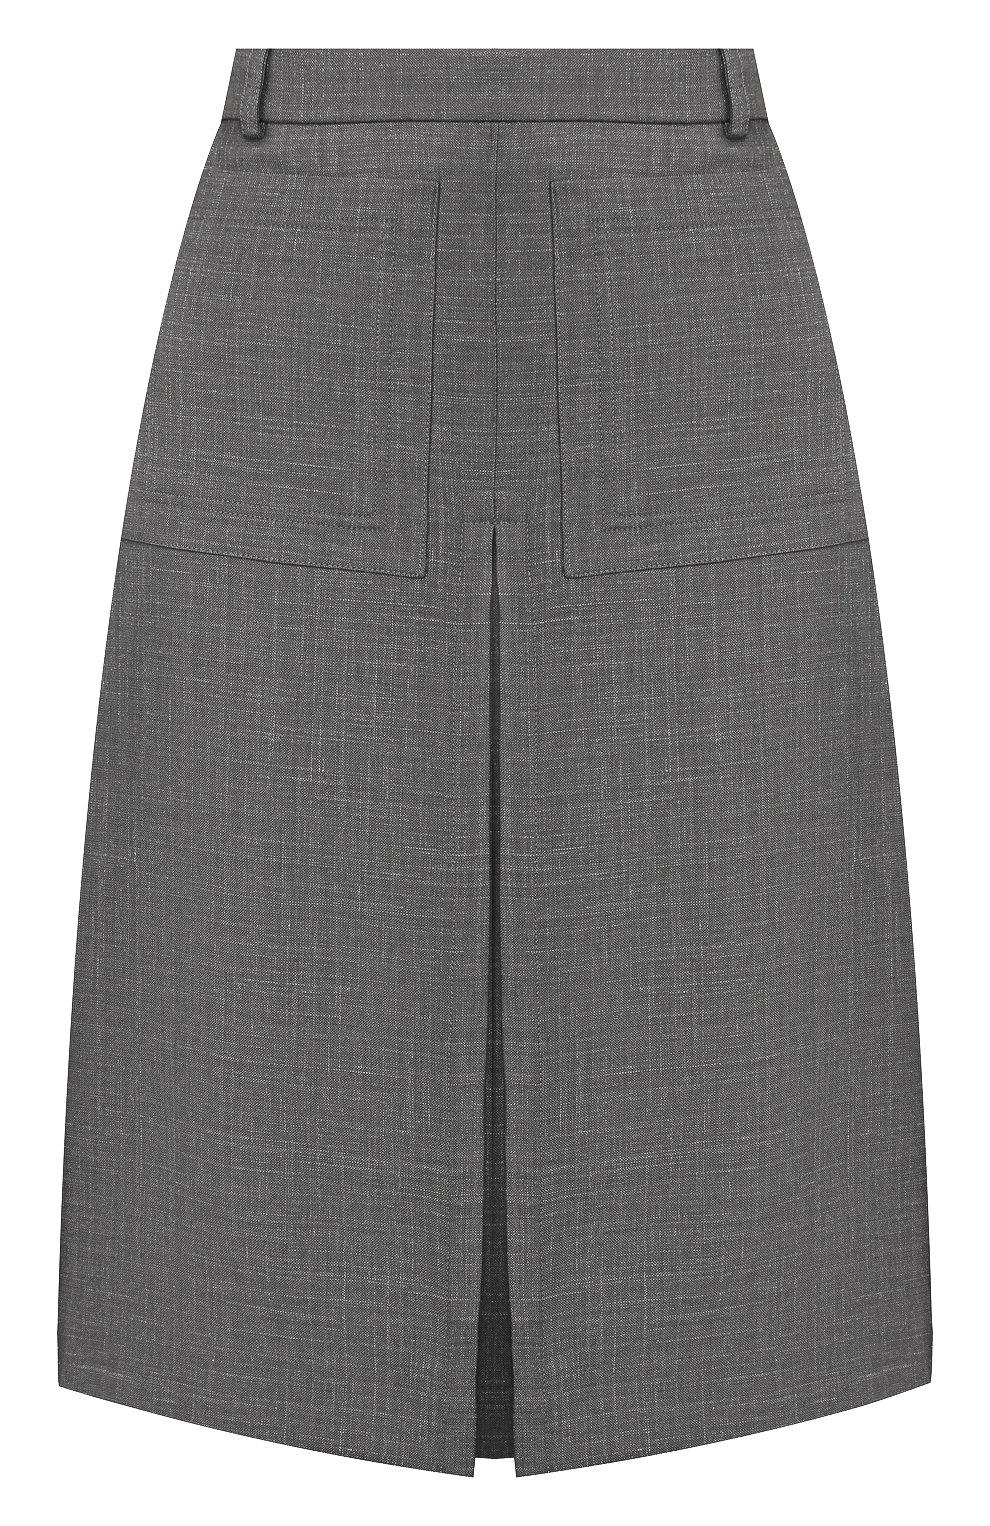 Женская юбка из смеси шерсти и шелка BURBERRY серого цвета, арт. 4564103   Фото 1